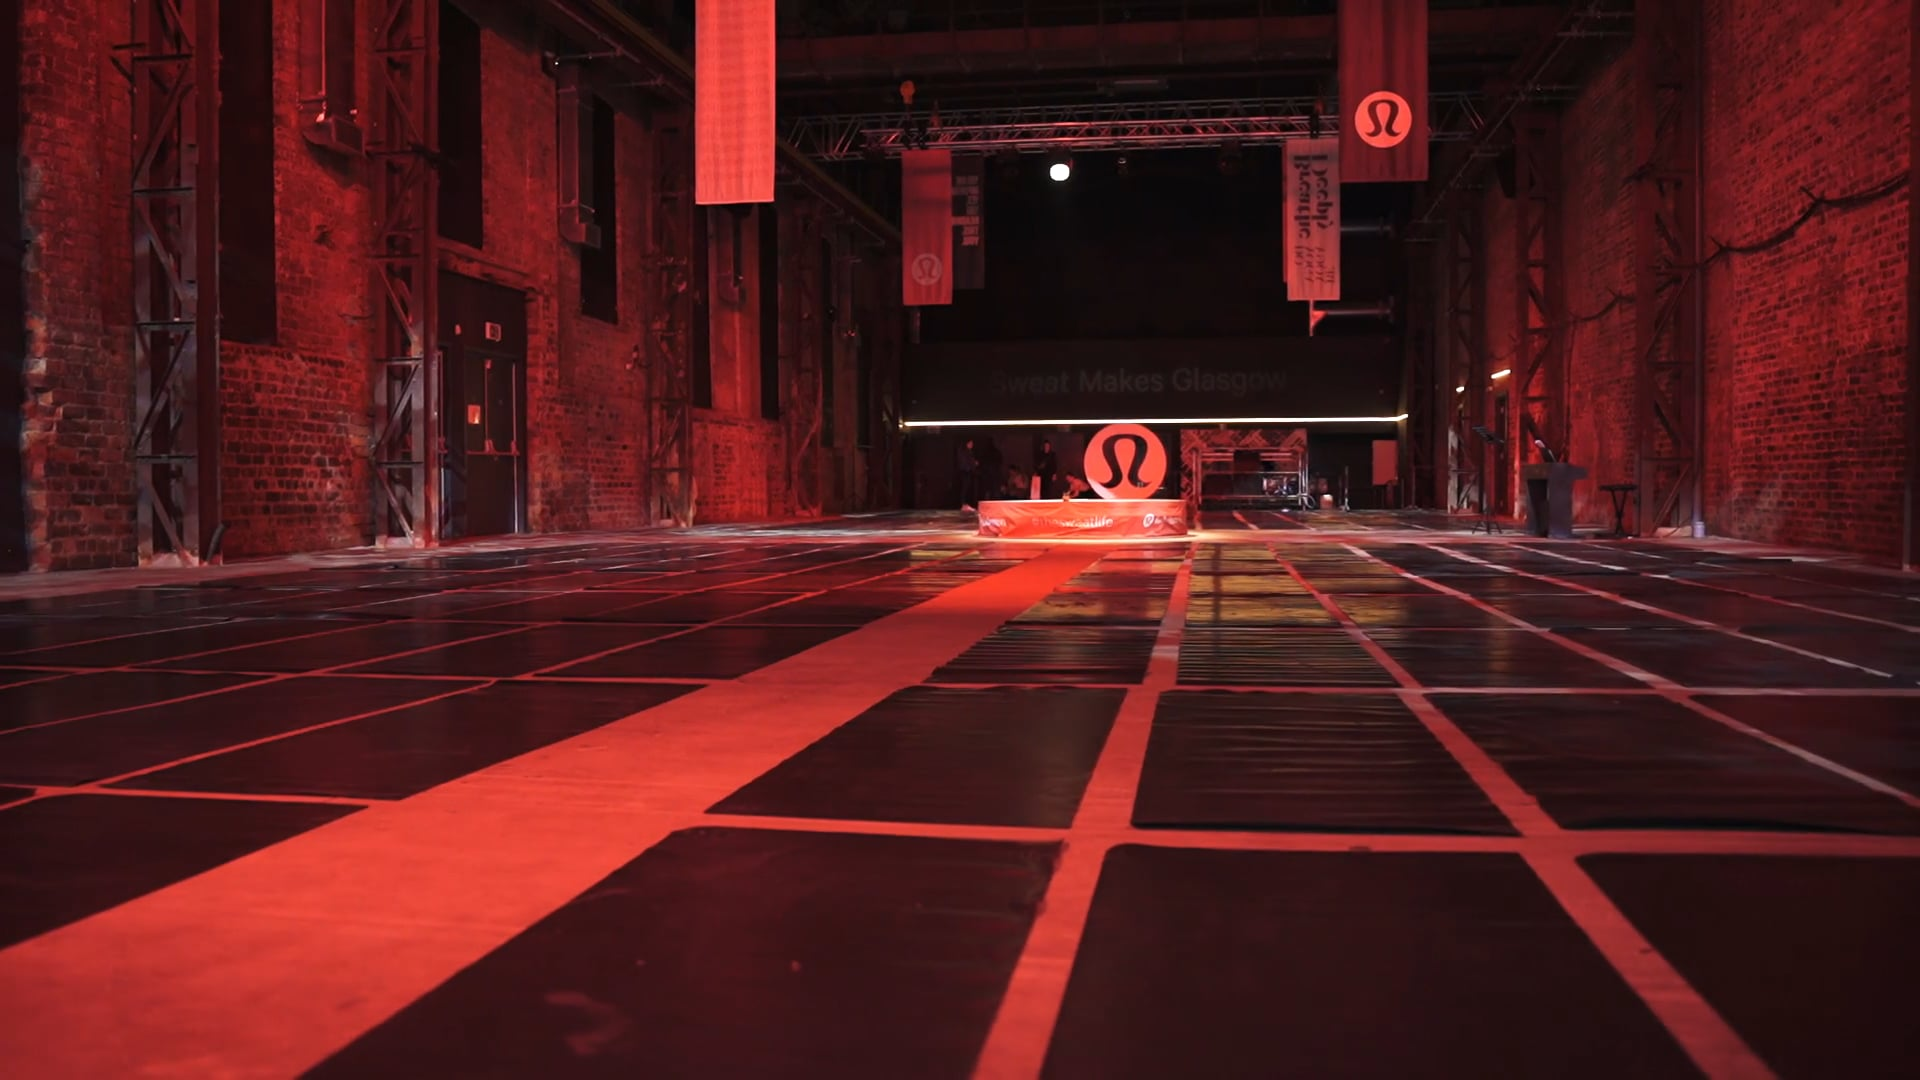 lululemon Opening Event Glasgow SWG3